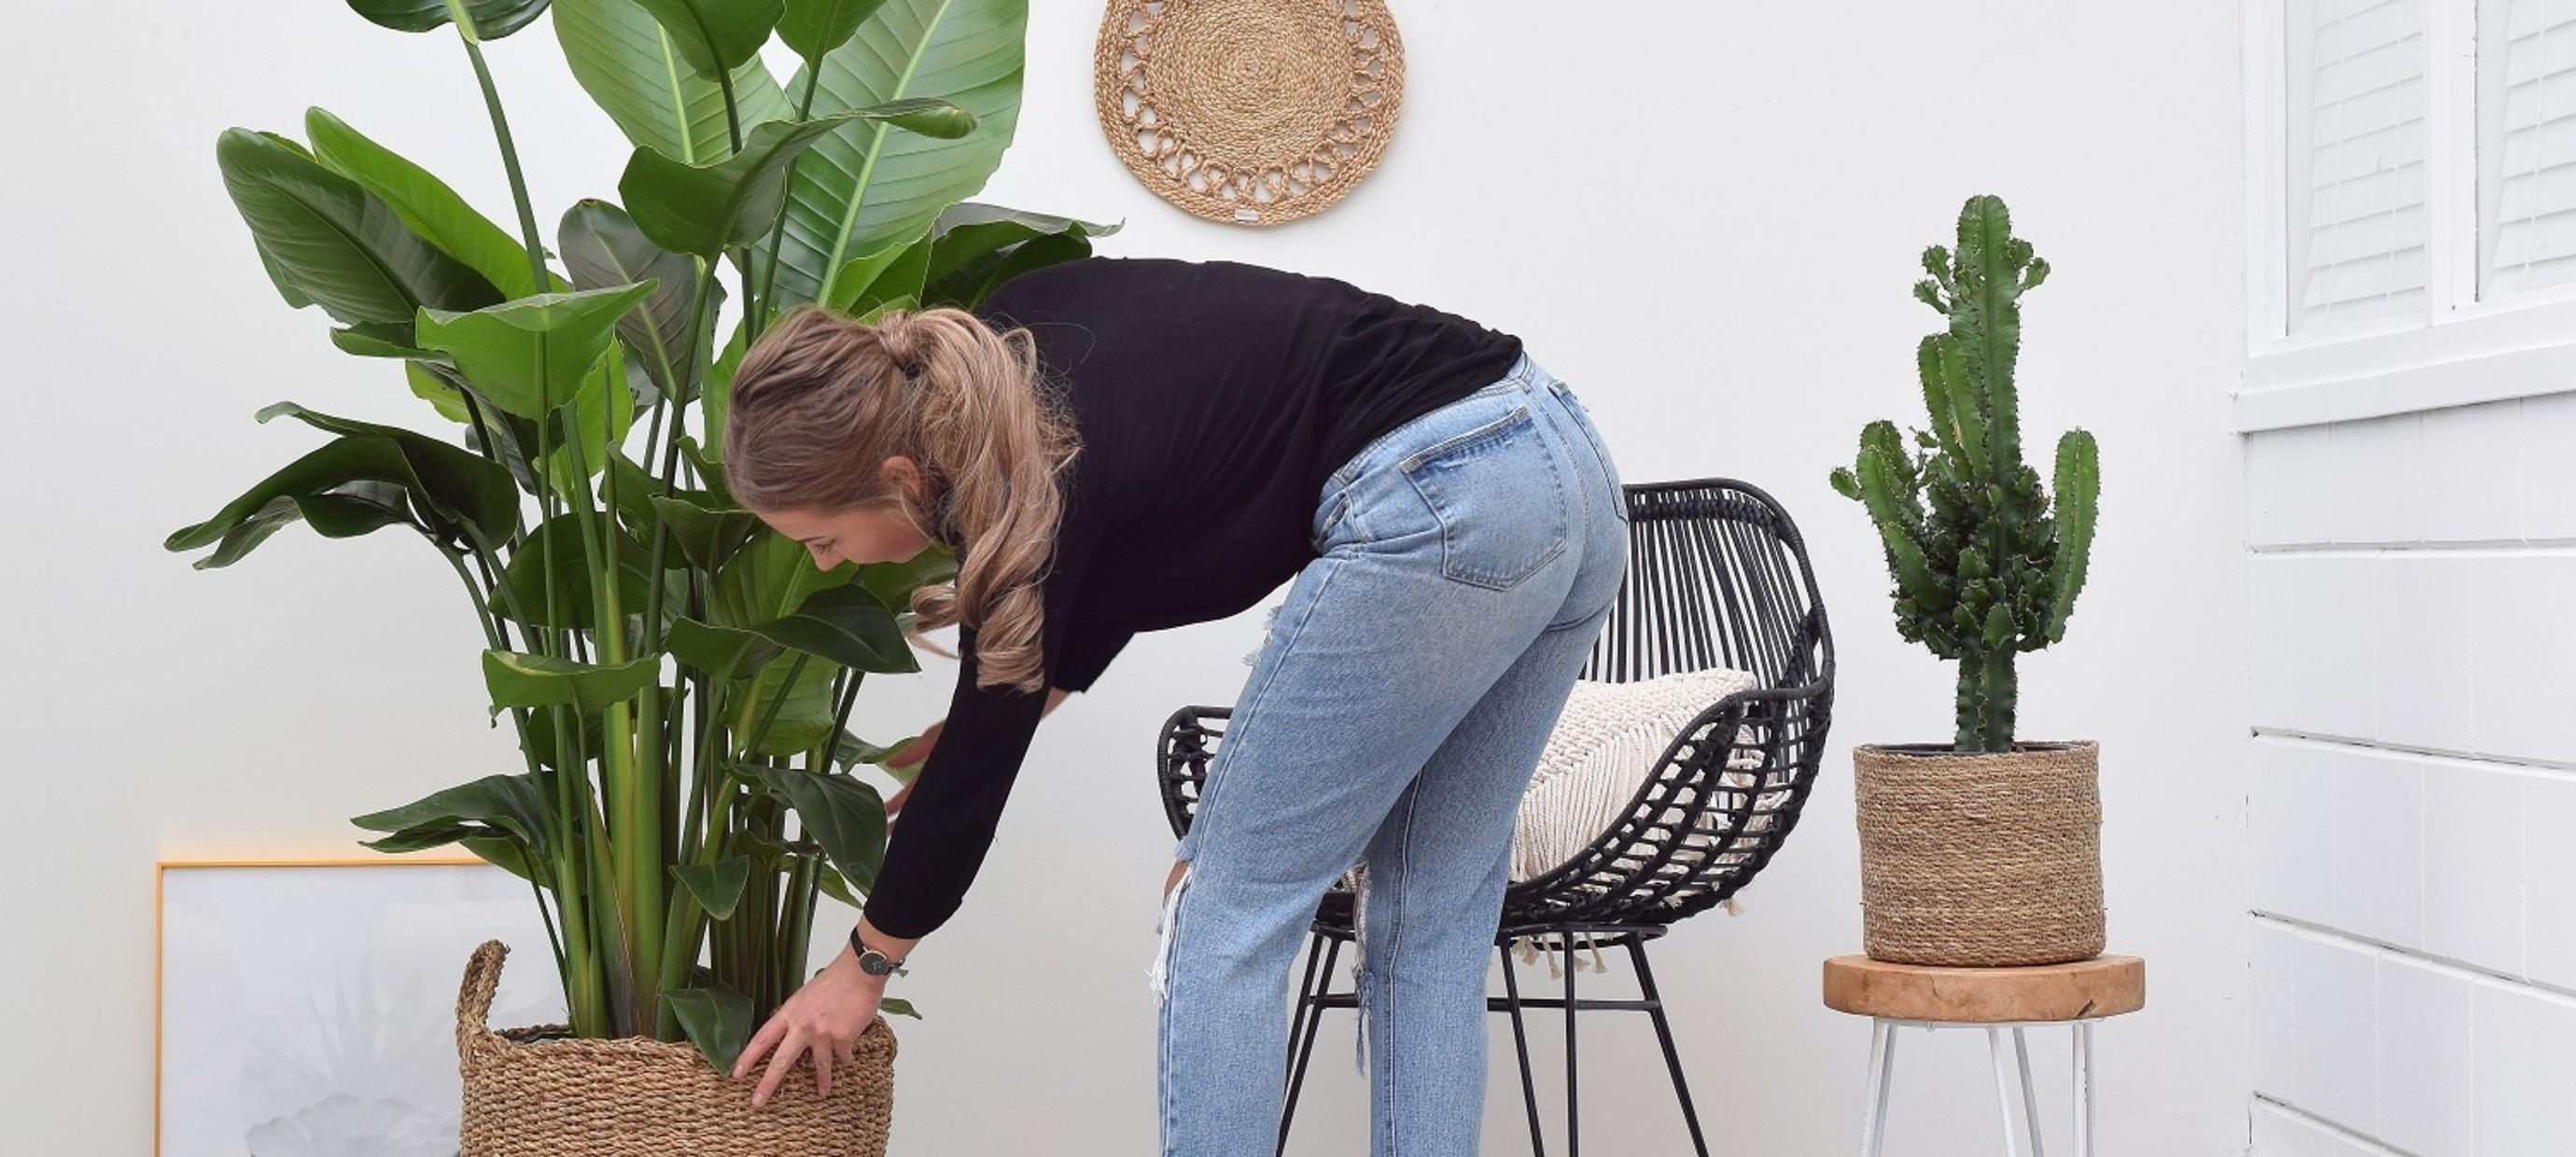 Creëer ruimte in huis met één van deze grote kamerplanten